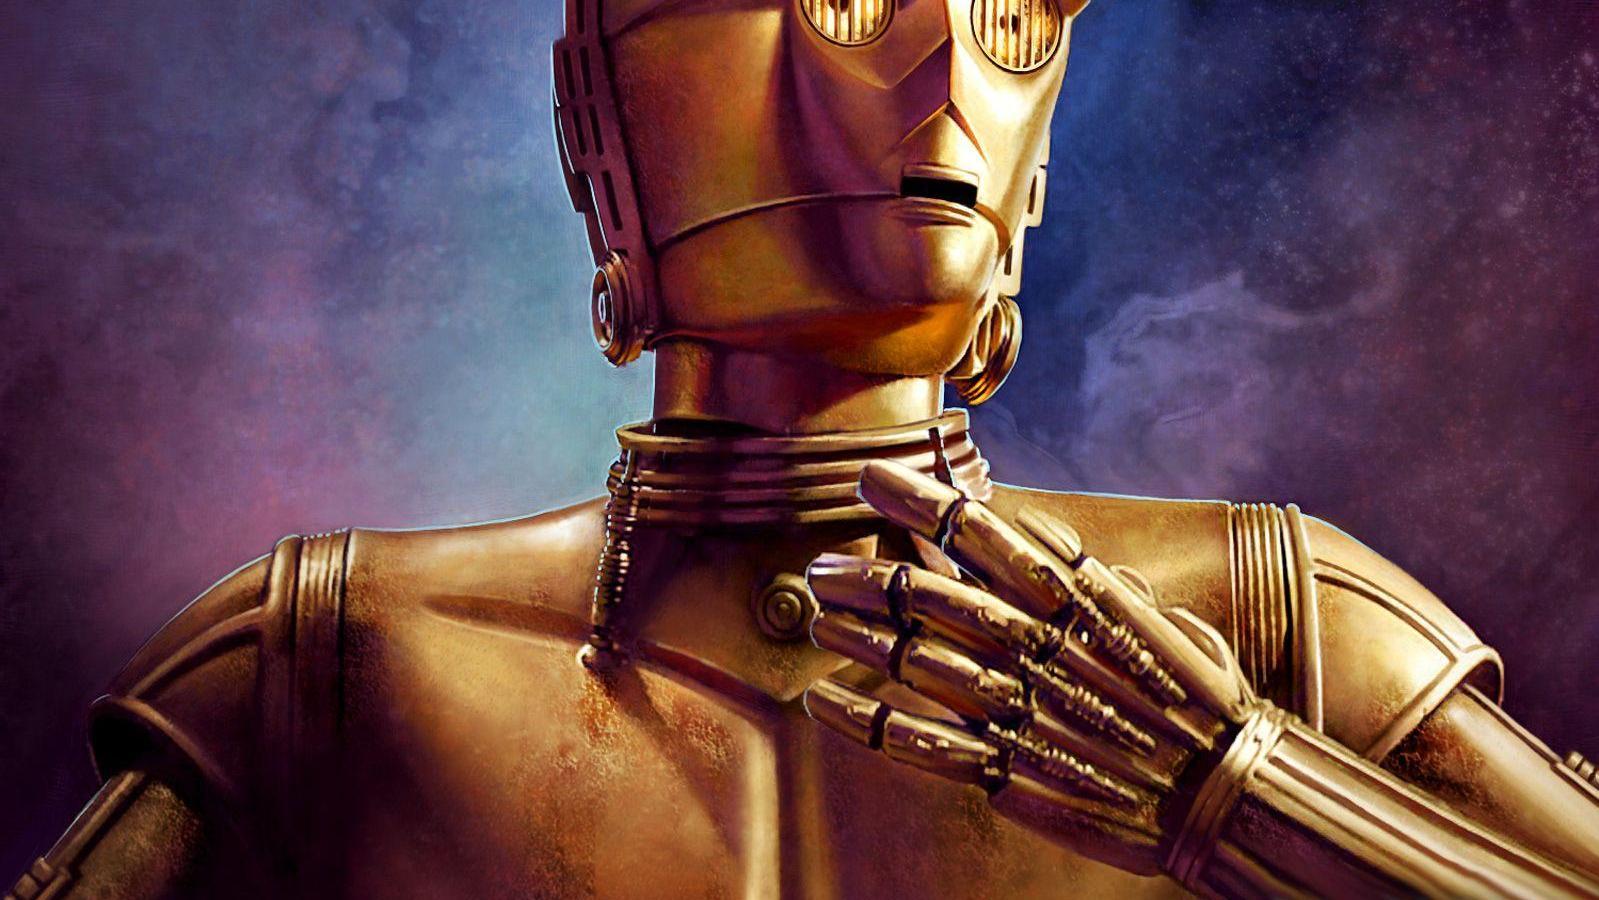 小金人联名!C-3PO 主题 adidas Top Ten Hi 即将发售!